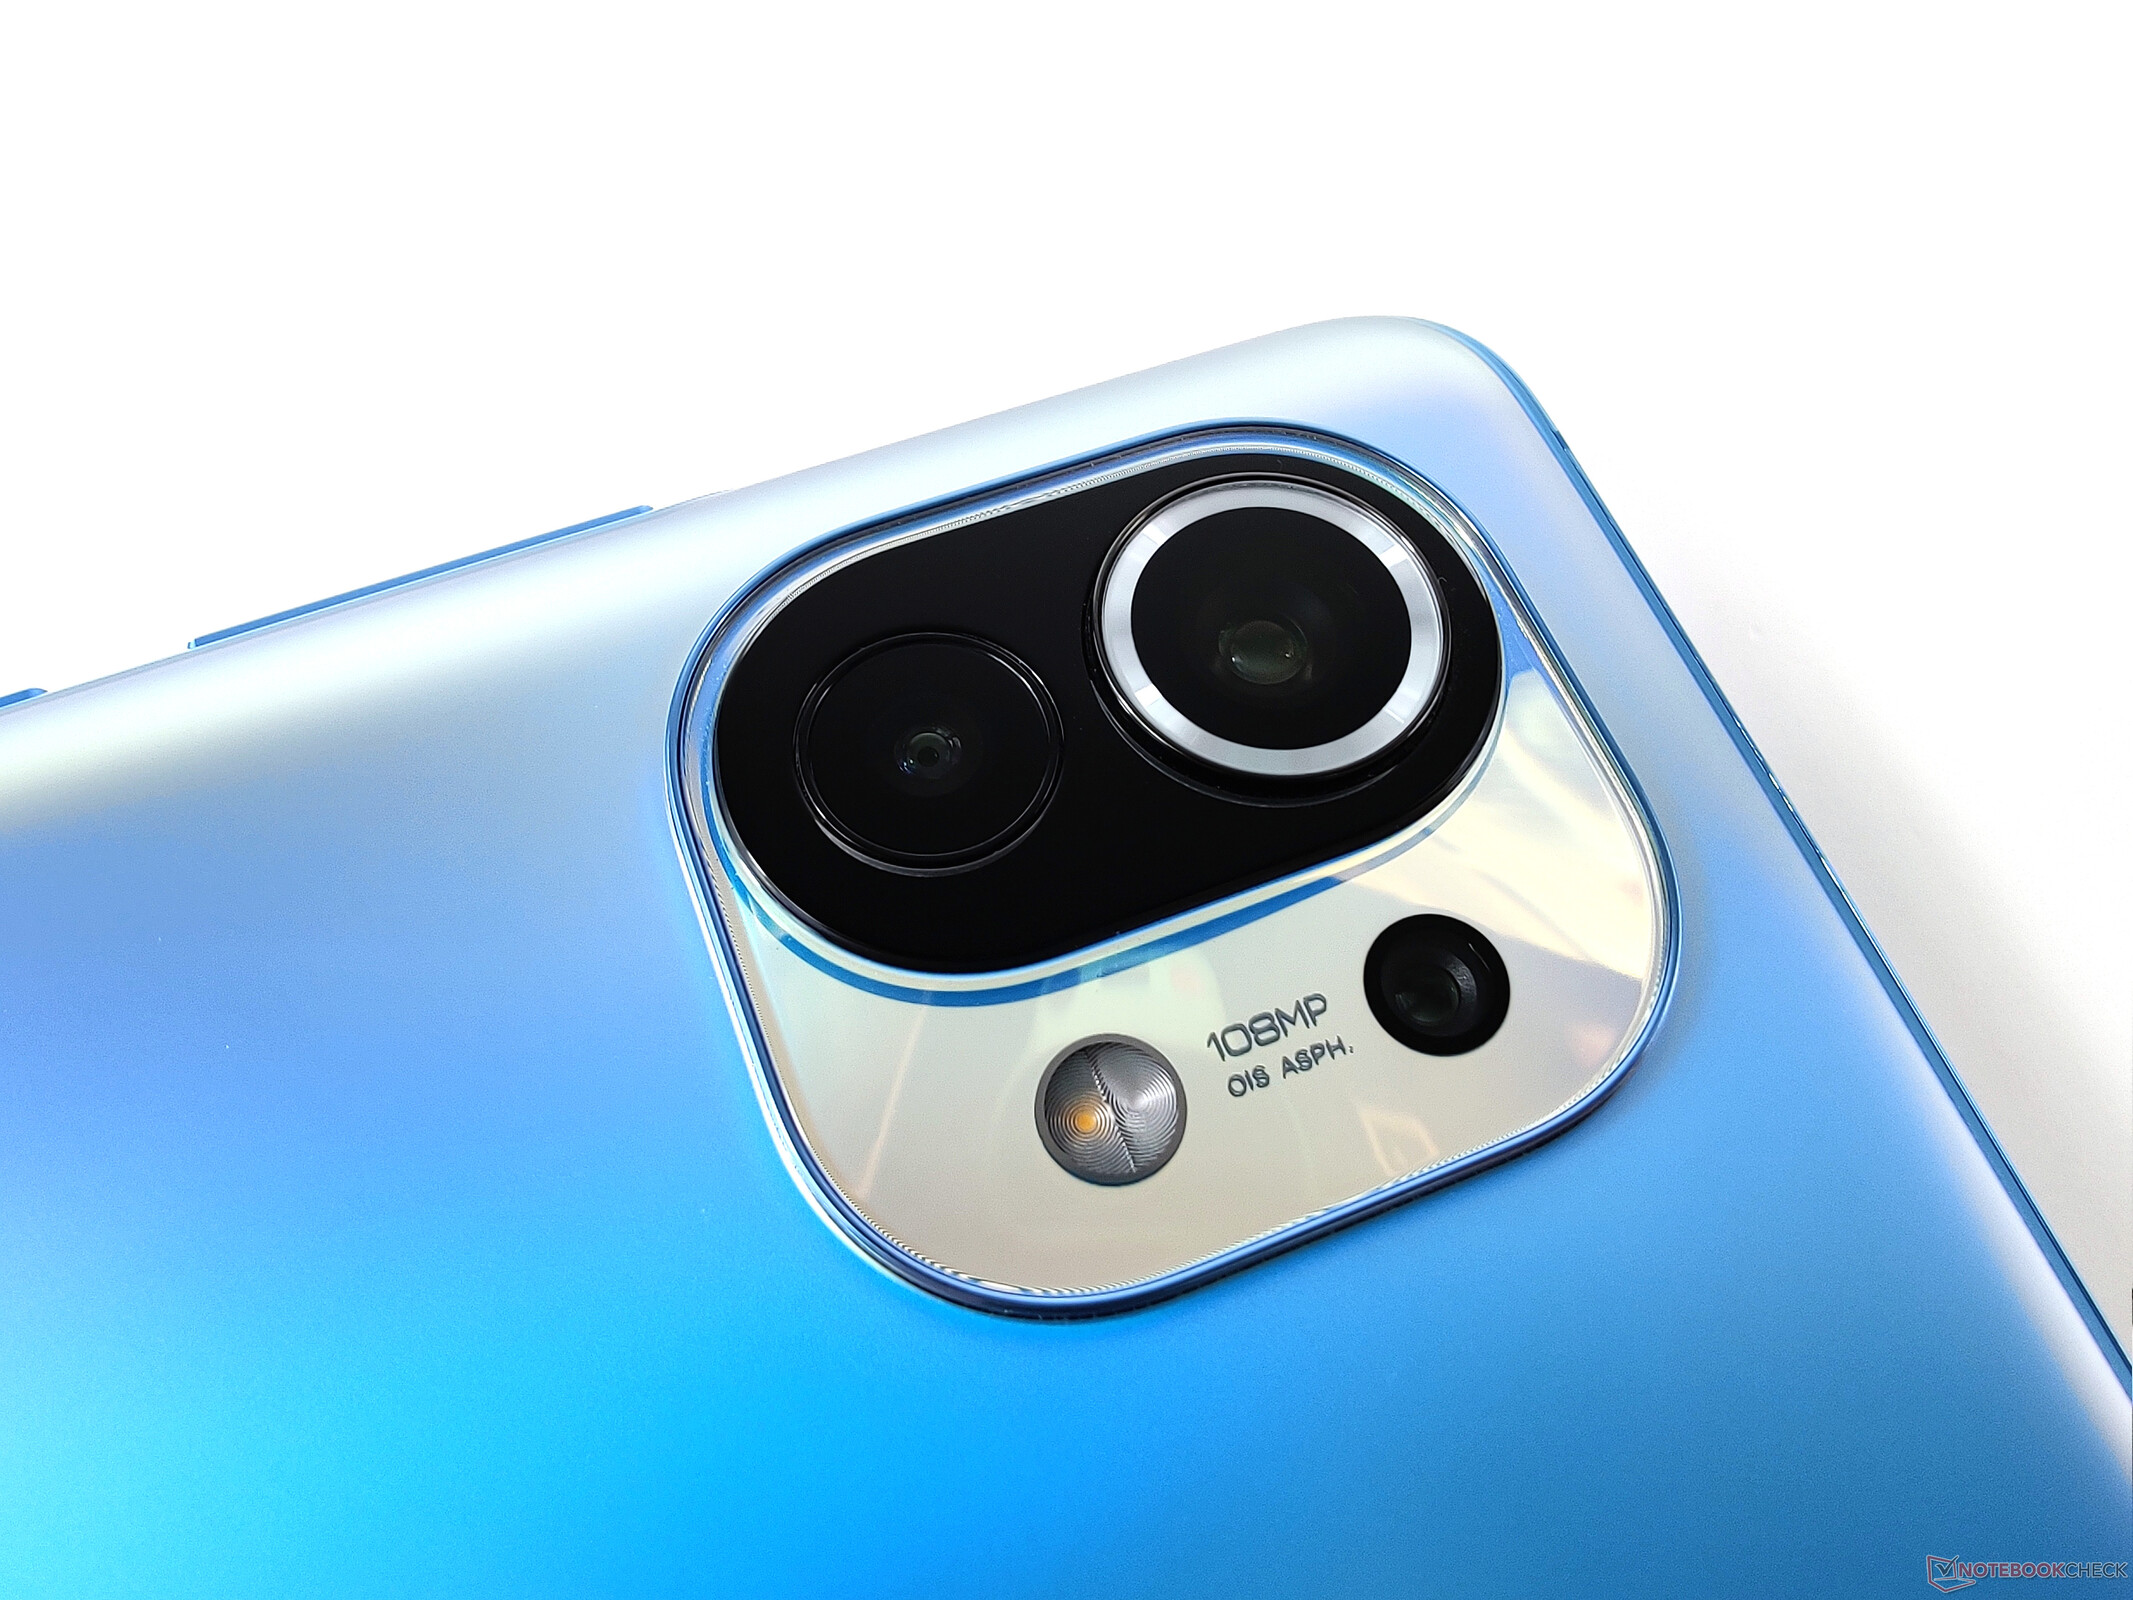 El Xiaomi Mi 11 en imagen, con su sensor de 108MP. El Xiaomi Mi 12 podría apostar a más.